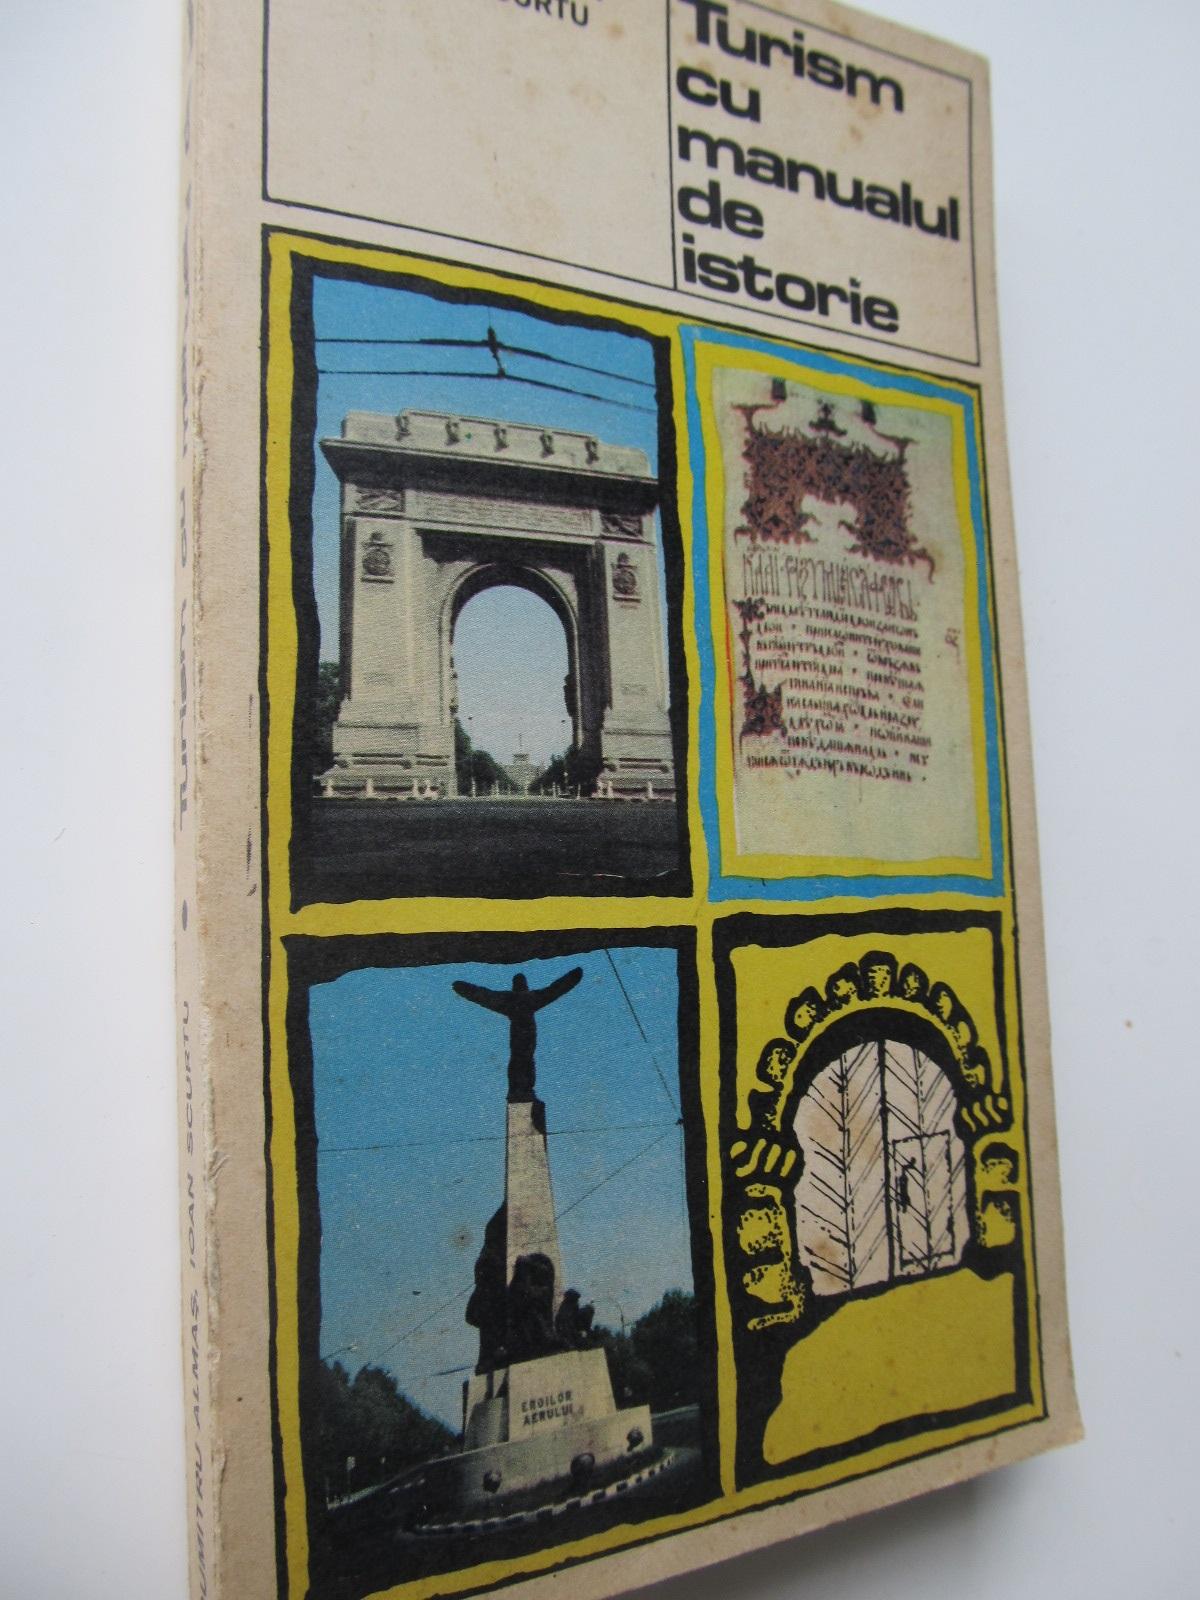 Turism cu manualul de istorie - Dumitru Almas , .. | Detalii carte